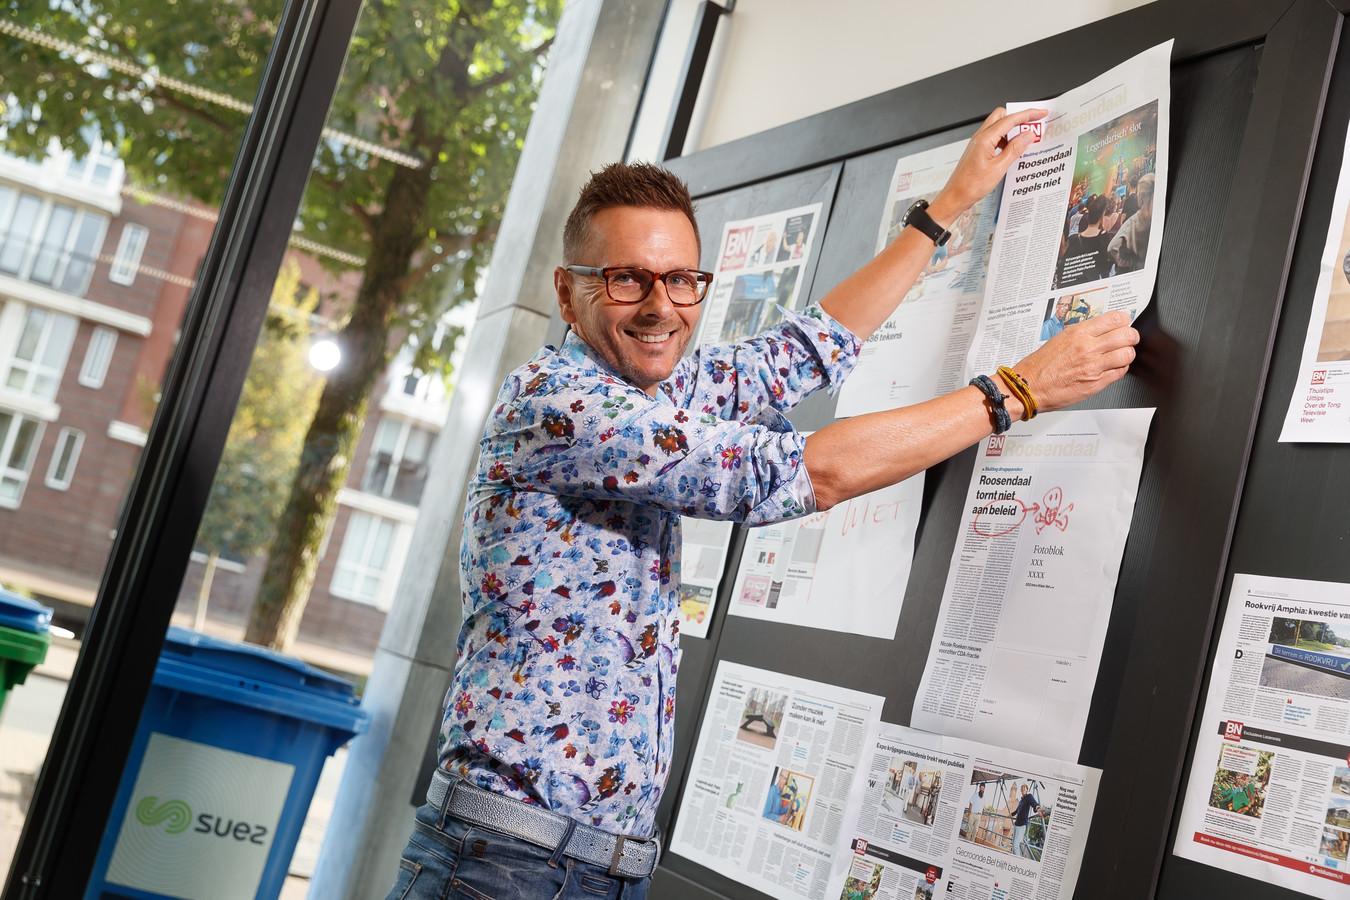 Chef uit Rolf Finders bepaalt iedere dag hoe de voorpagina eruit ziet.